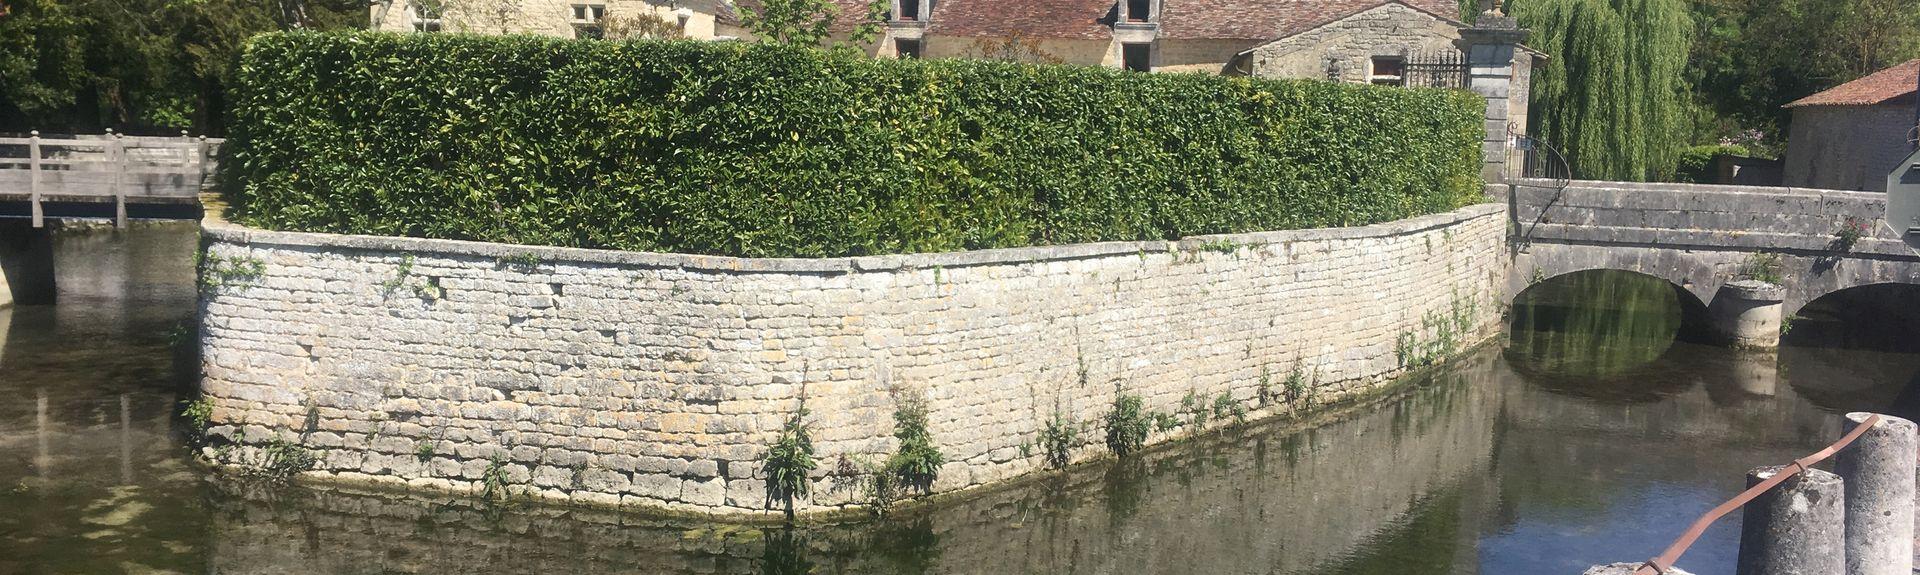 La Jarrie-Audouin, France